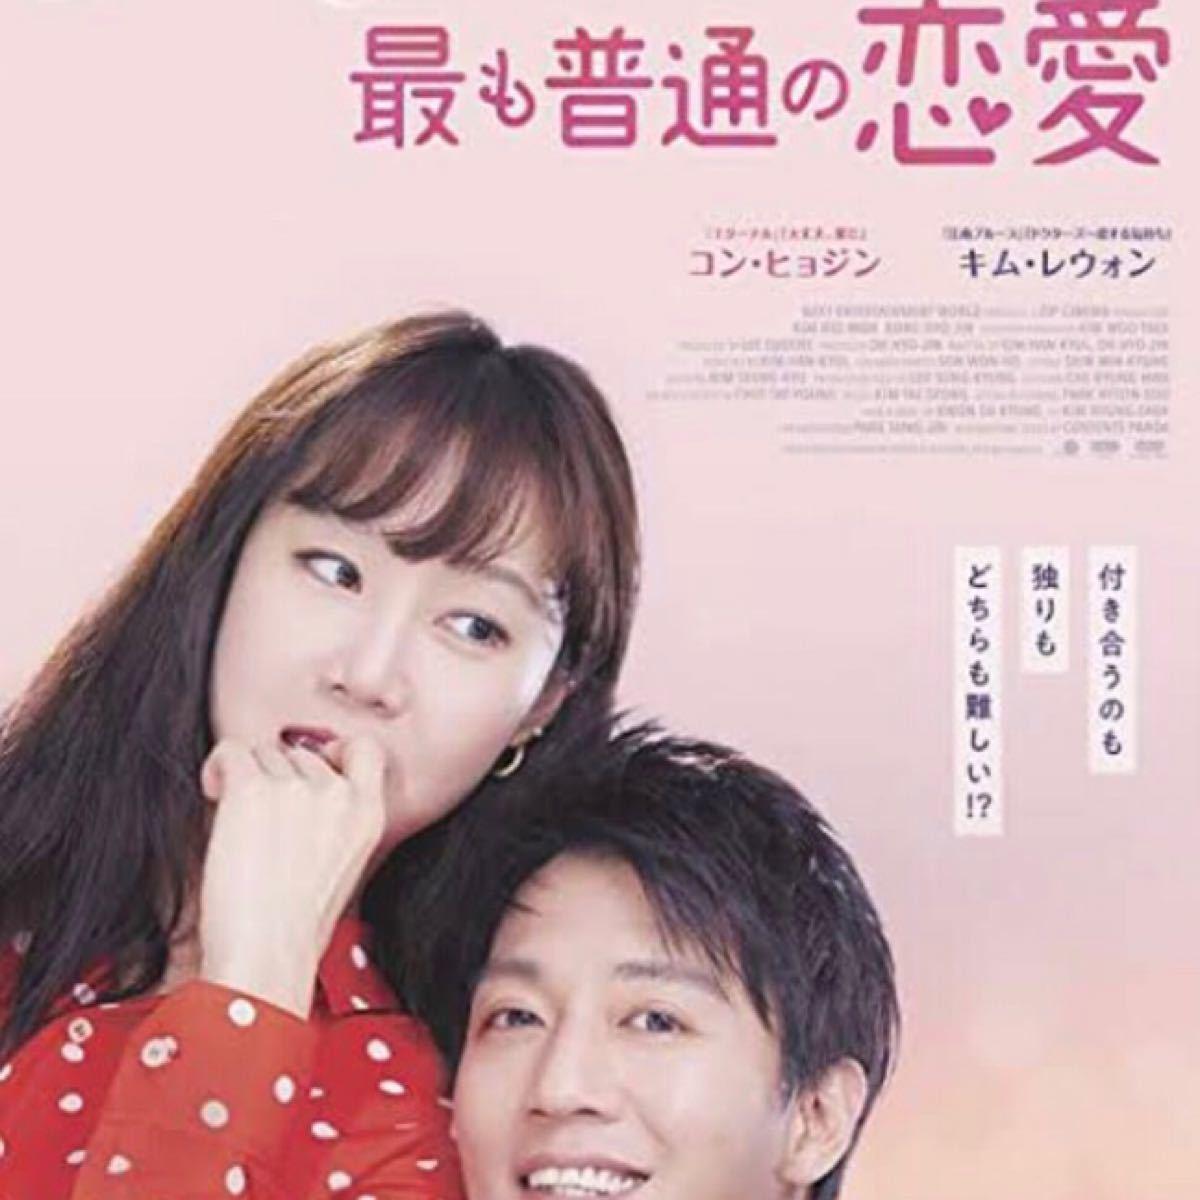 韓国映画  最も普通の恋愛  キム・レウォン  コン・ヒョジン  DVD  レーベル有り